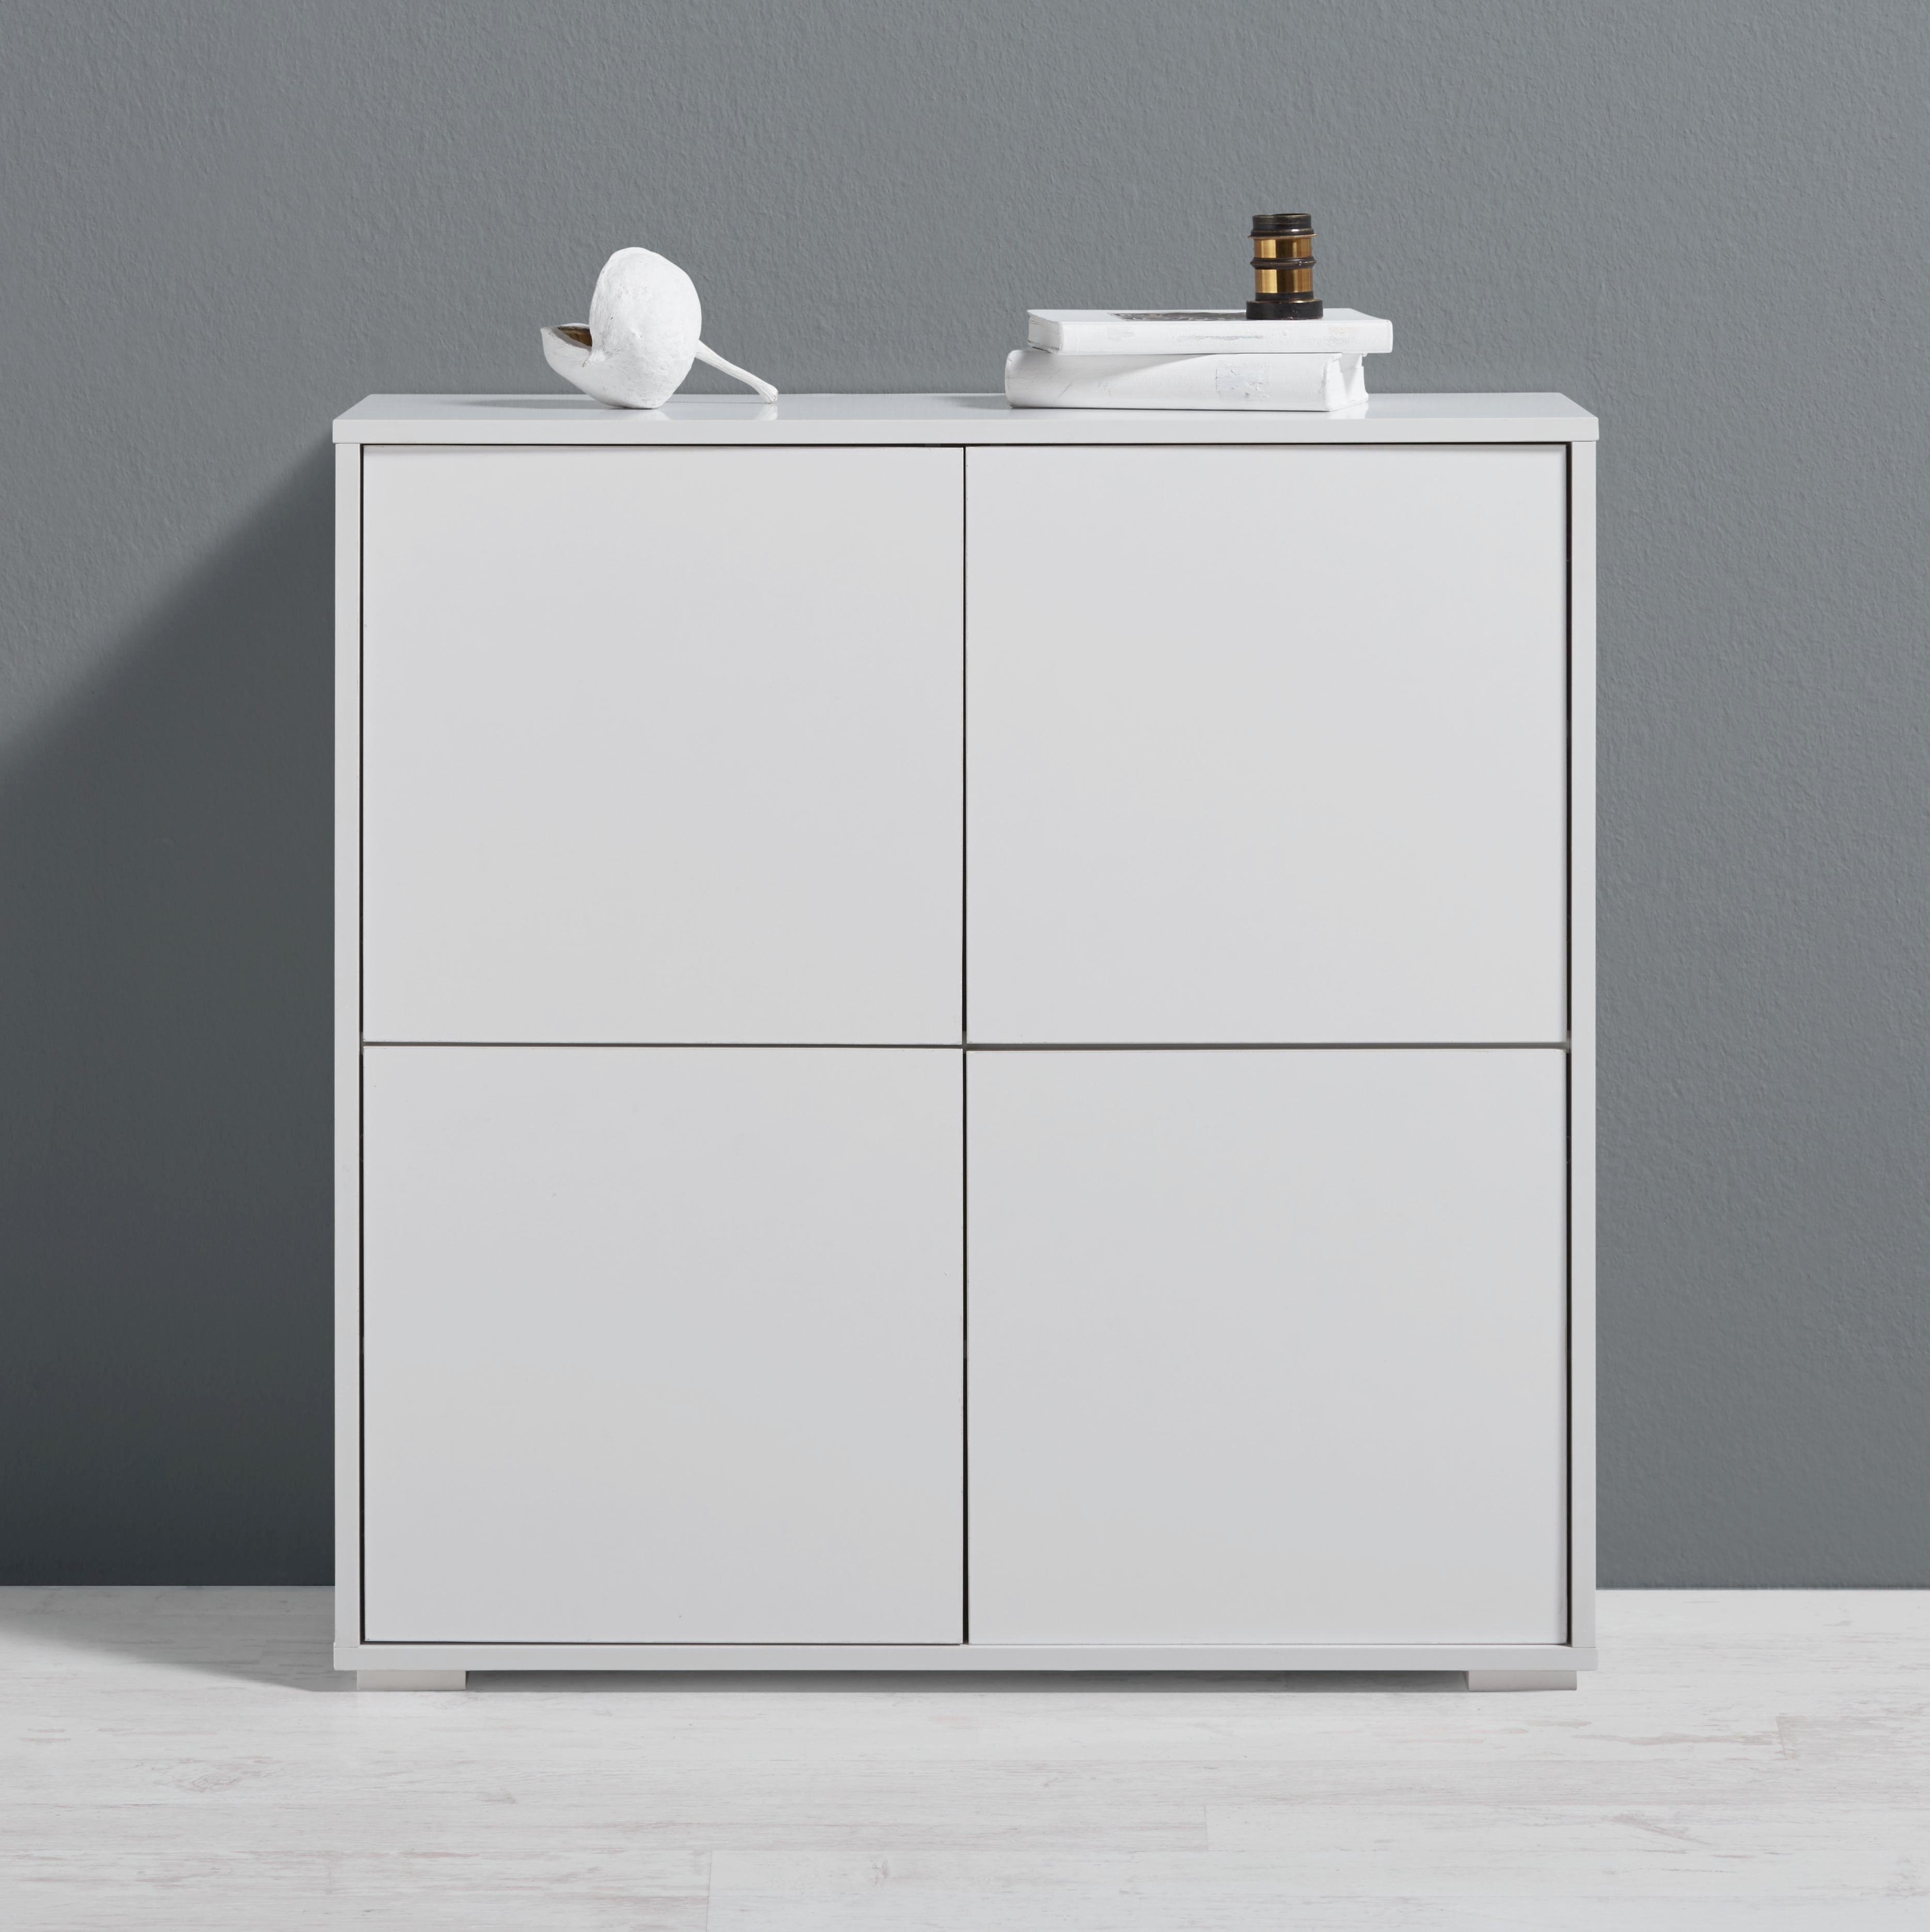 Nett Küchentüren Uk Billig Bilder - Ideen Für Die Küche Dekoration ...